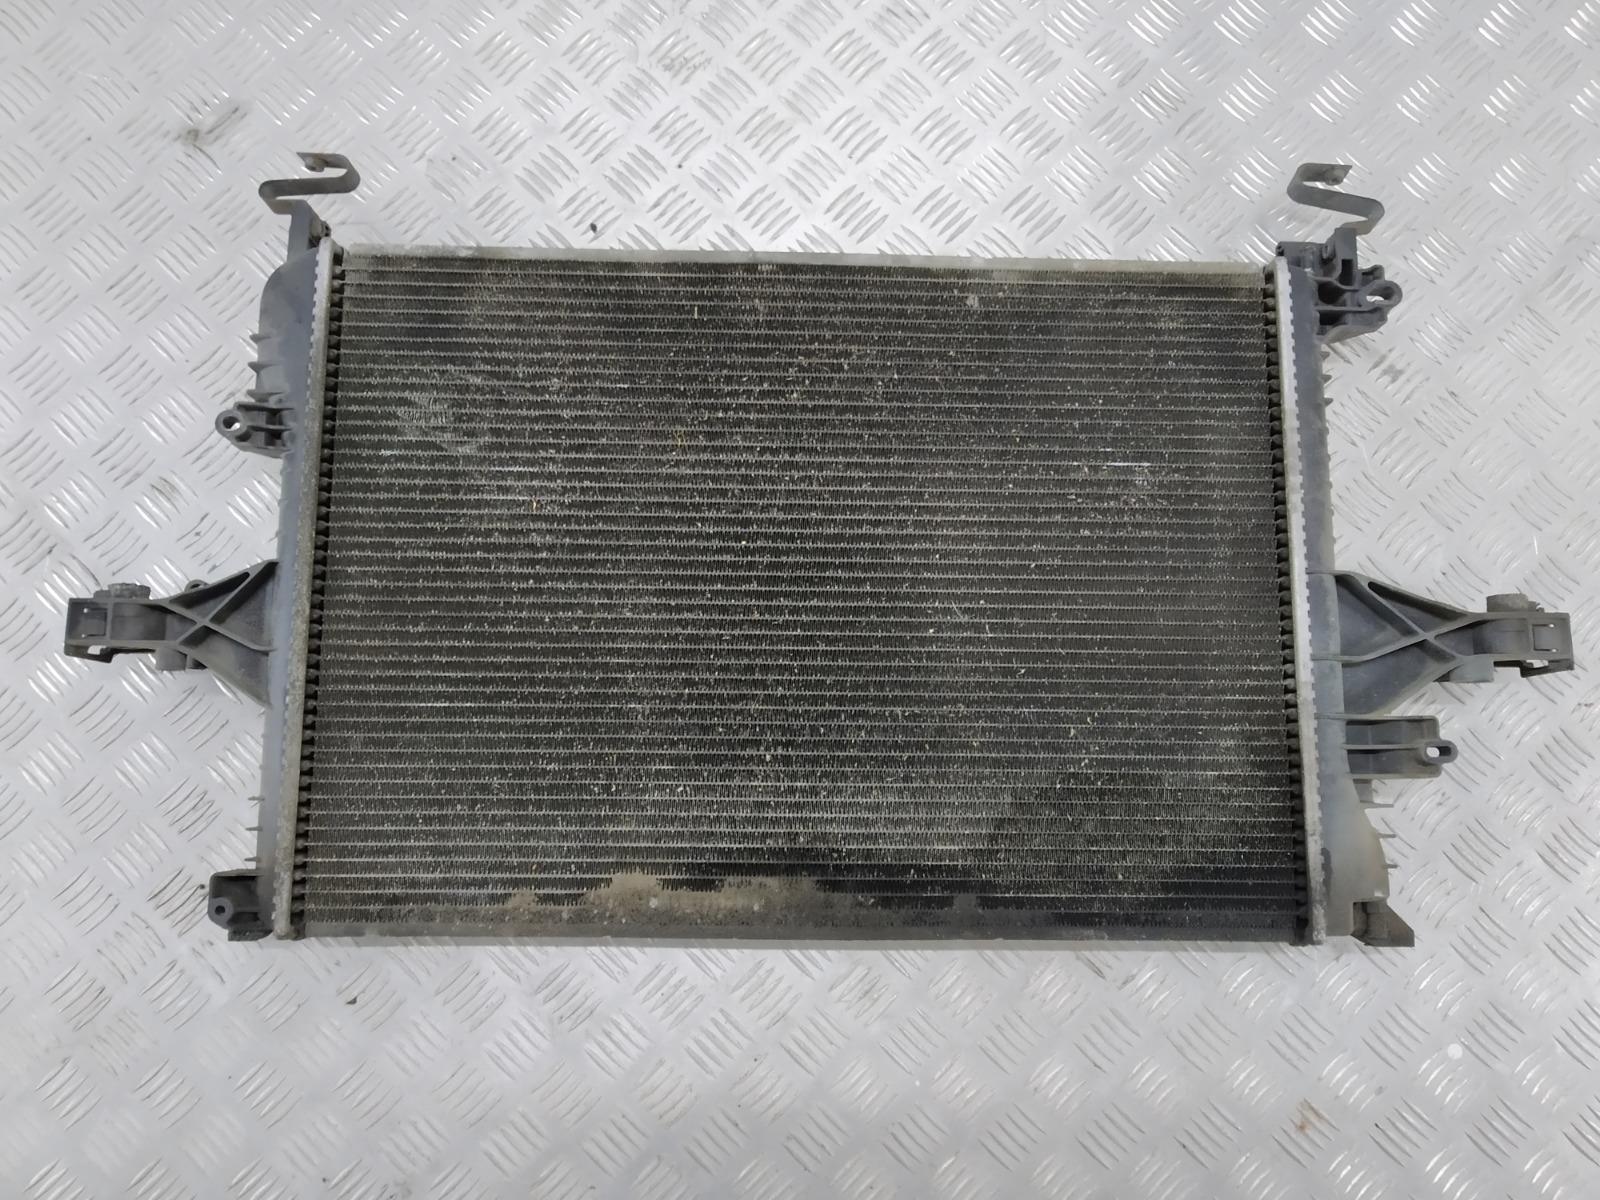 Радиатор (основной) Volvo S60 2.4 D5 2002 (б/у)